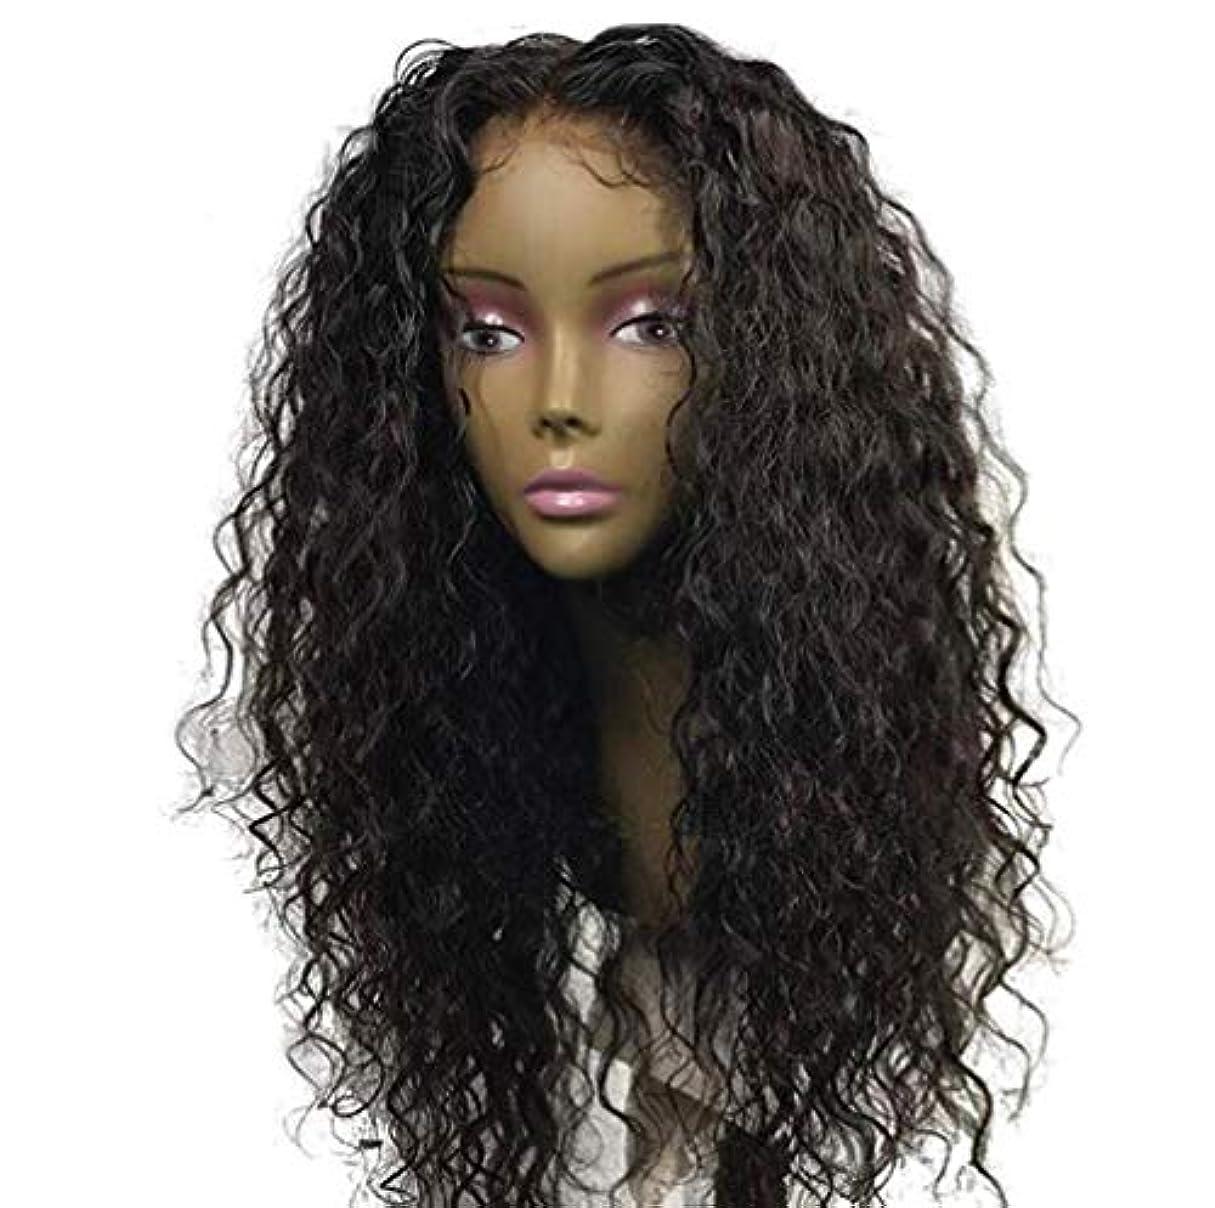 公アブセイ弾薬女性ブラジルレミー深い波髪かつら150%密度レースフロント人毛ウィッグベビー毛黒55センチ